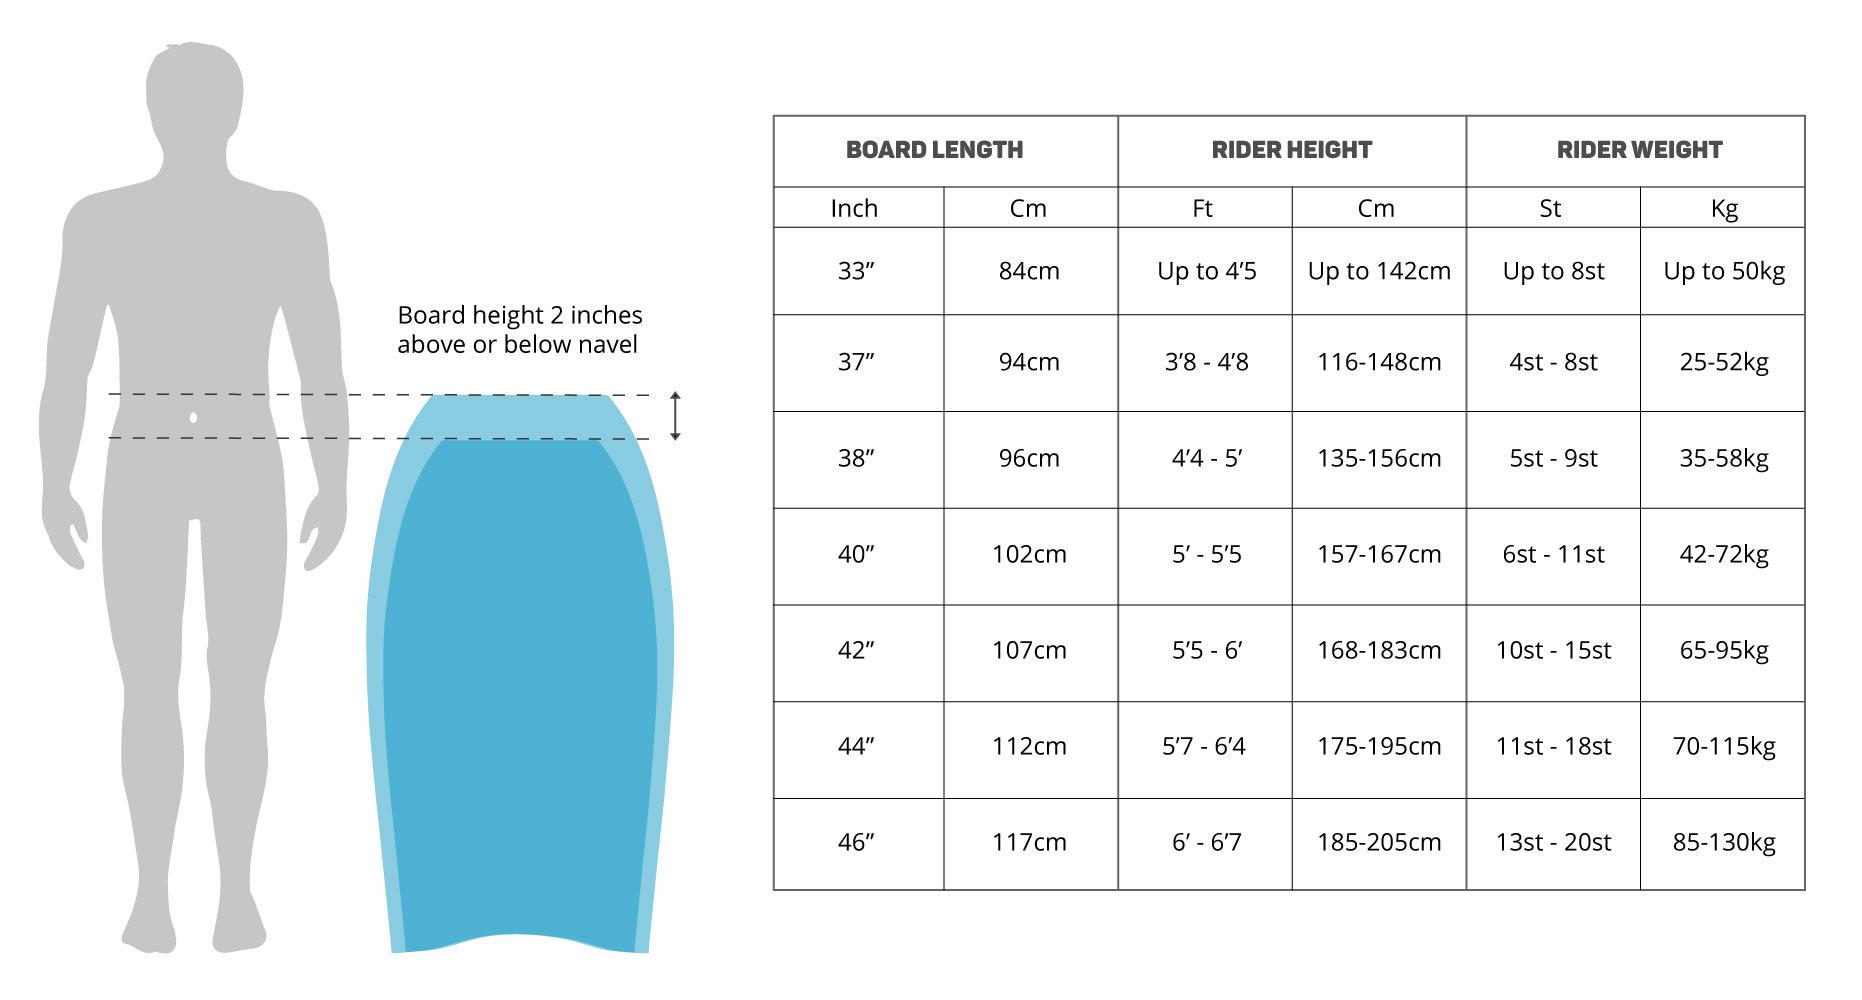 Gul Bodyboards 19 0 Size Chart